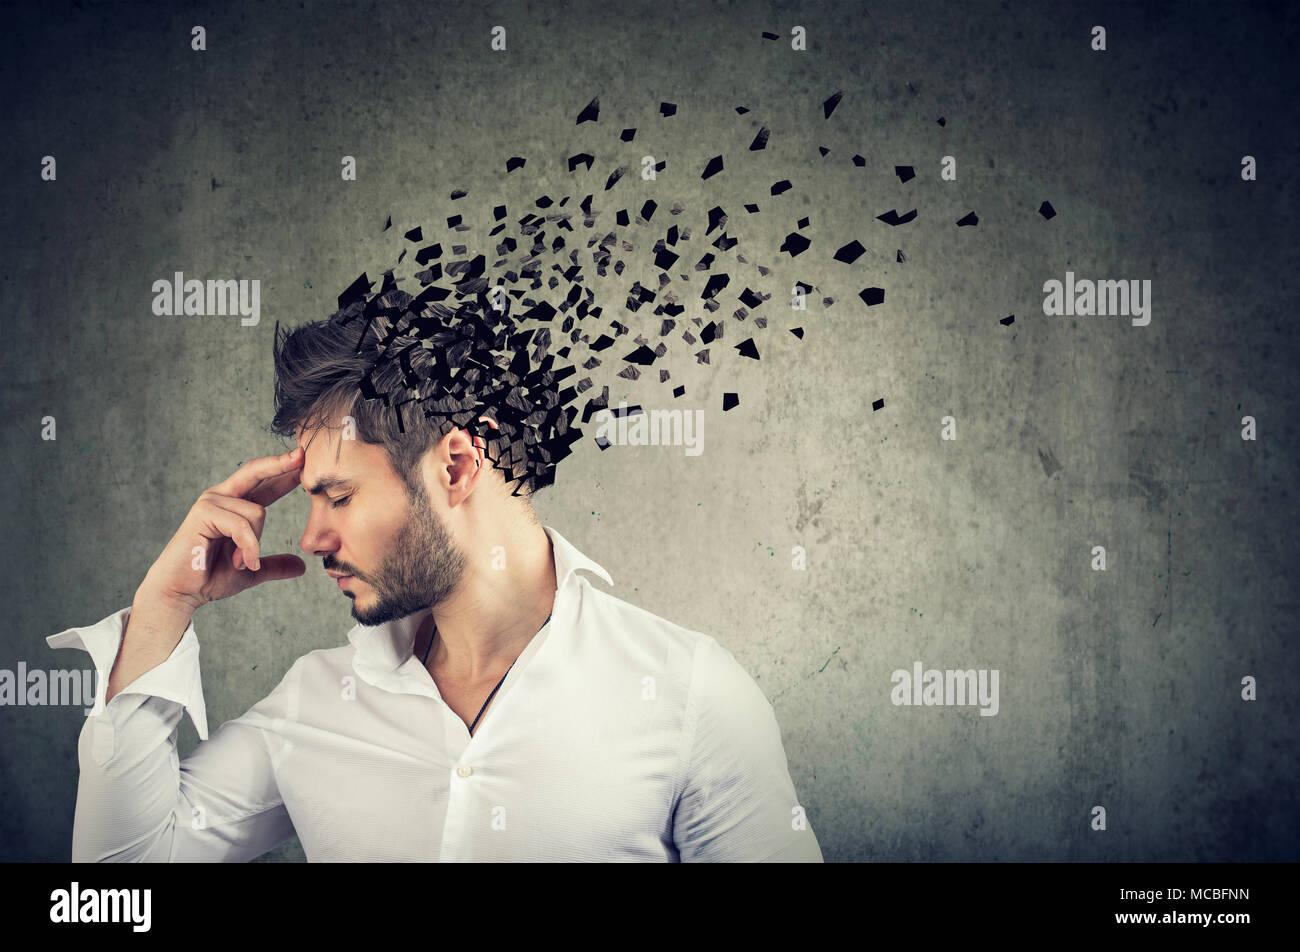 La pérdida de memoria debido a la demencia o daño cerebral. El perfil lateral de un hombre perder partes de cabeza como símbolo de disminución de la función de la mente. Imagen De Stock